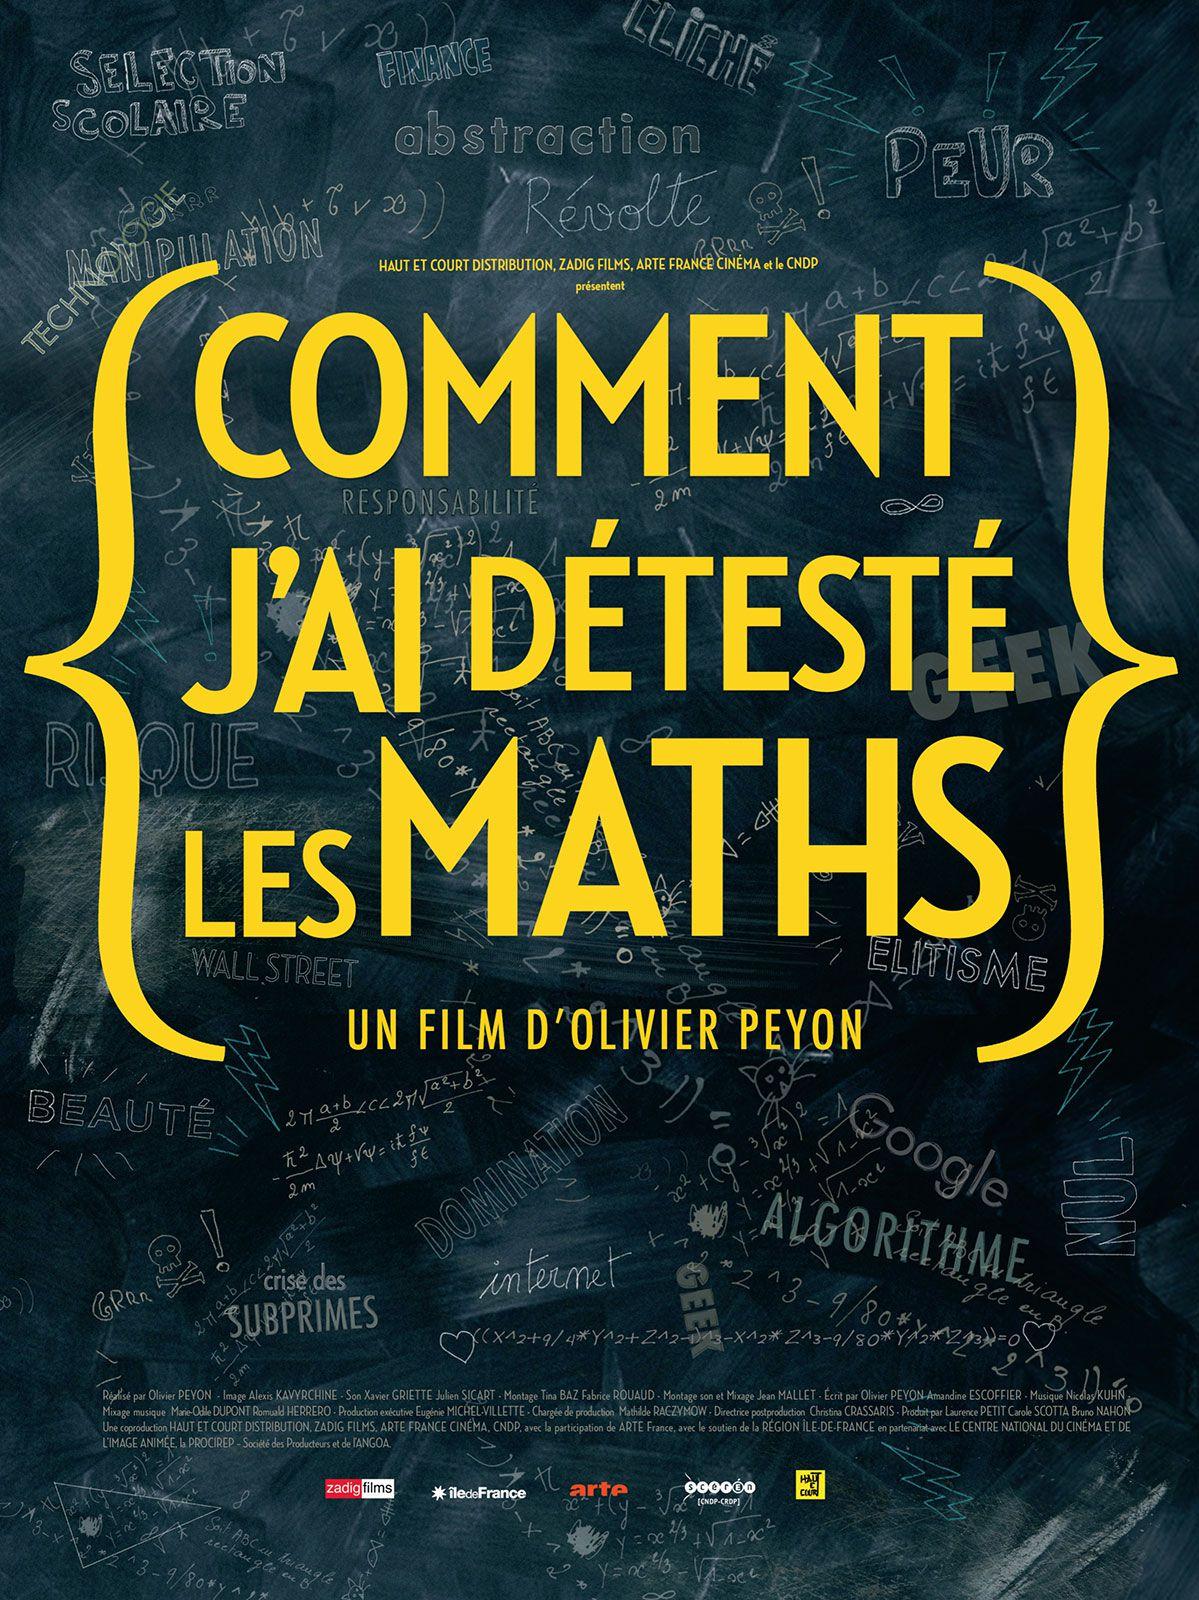 Comment j'ai détesté les maths - Documentaire (2013)